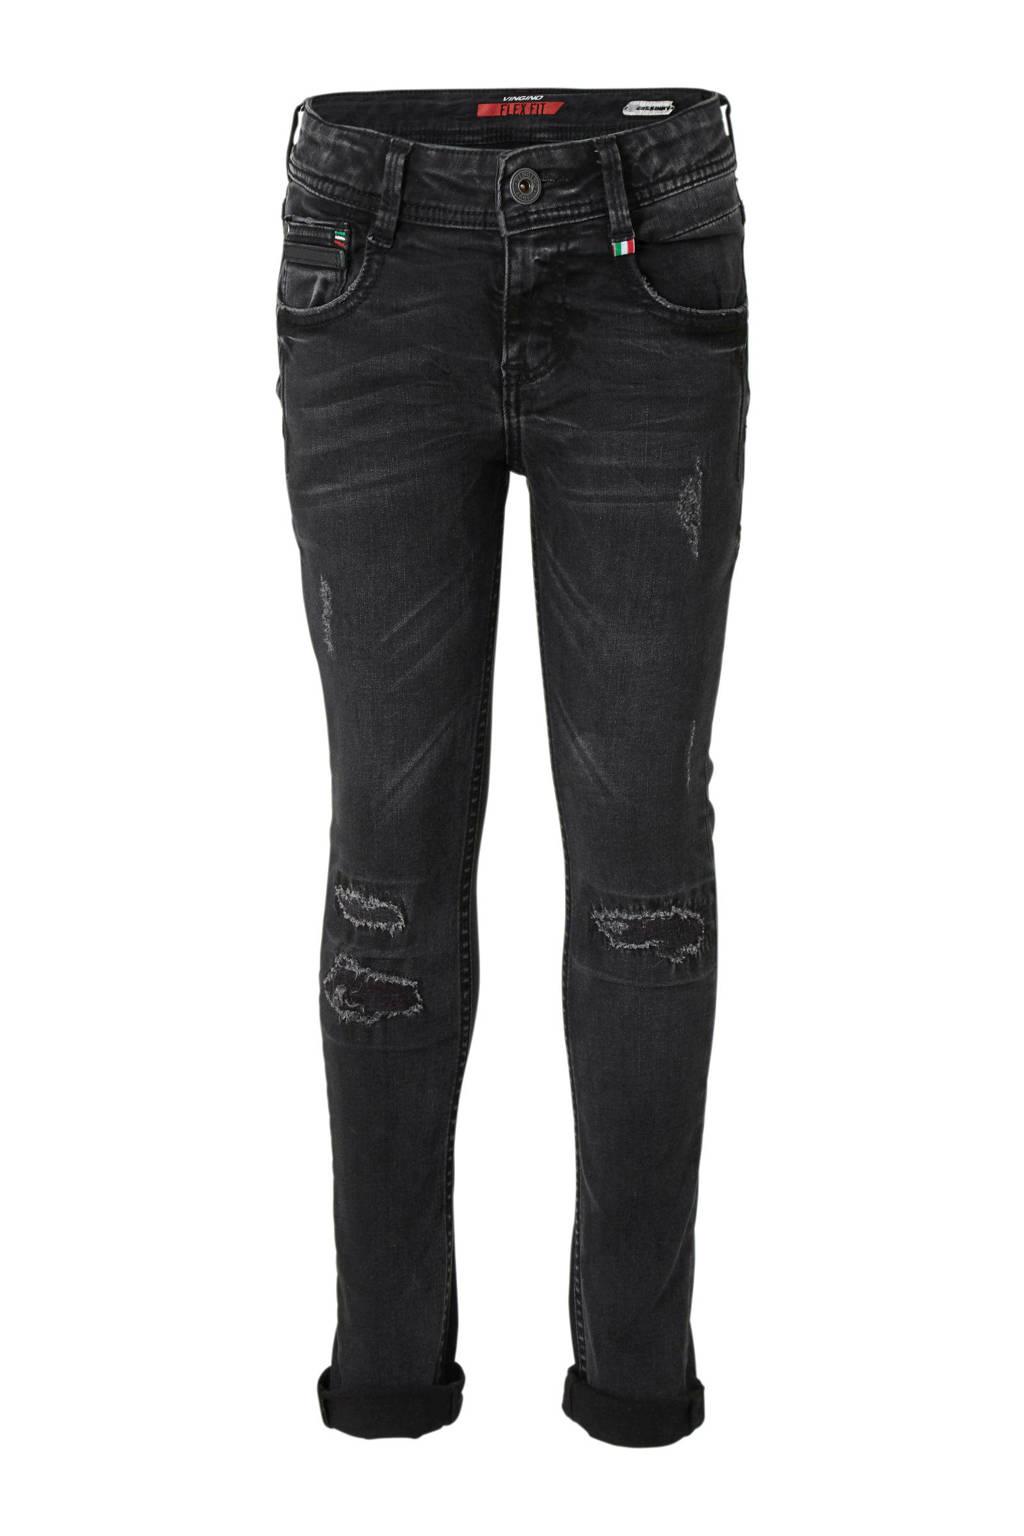 Vingino skinny jeans Adamos met slijtage, Dark grey vintage